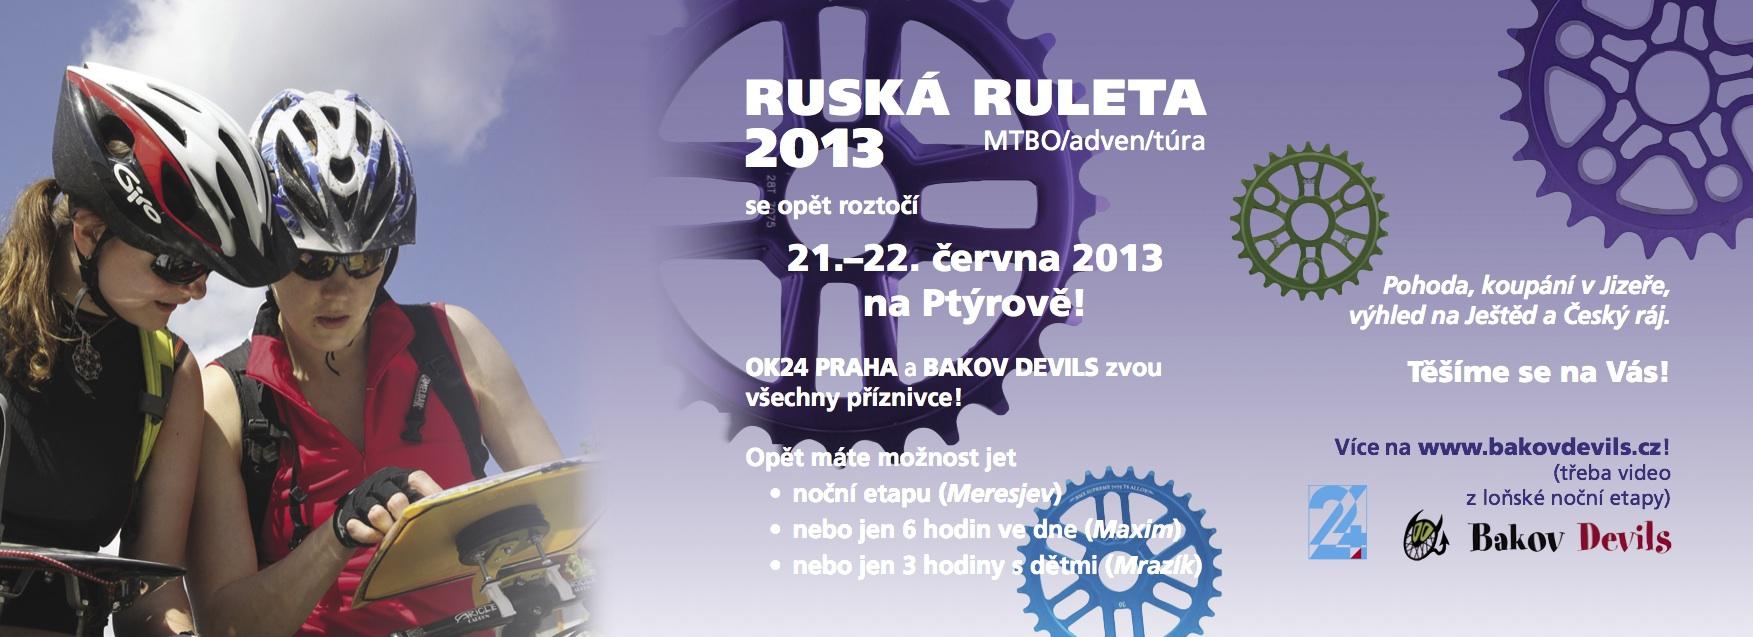 Ruská Ruleta 2013